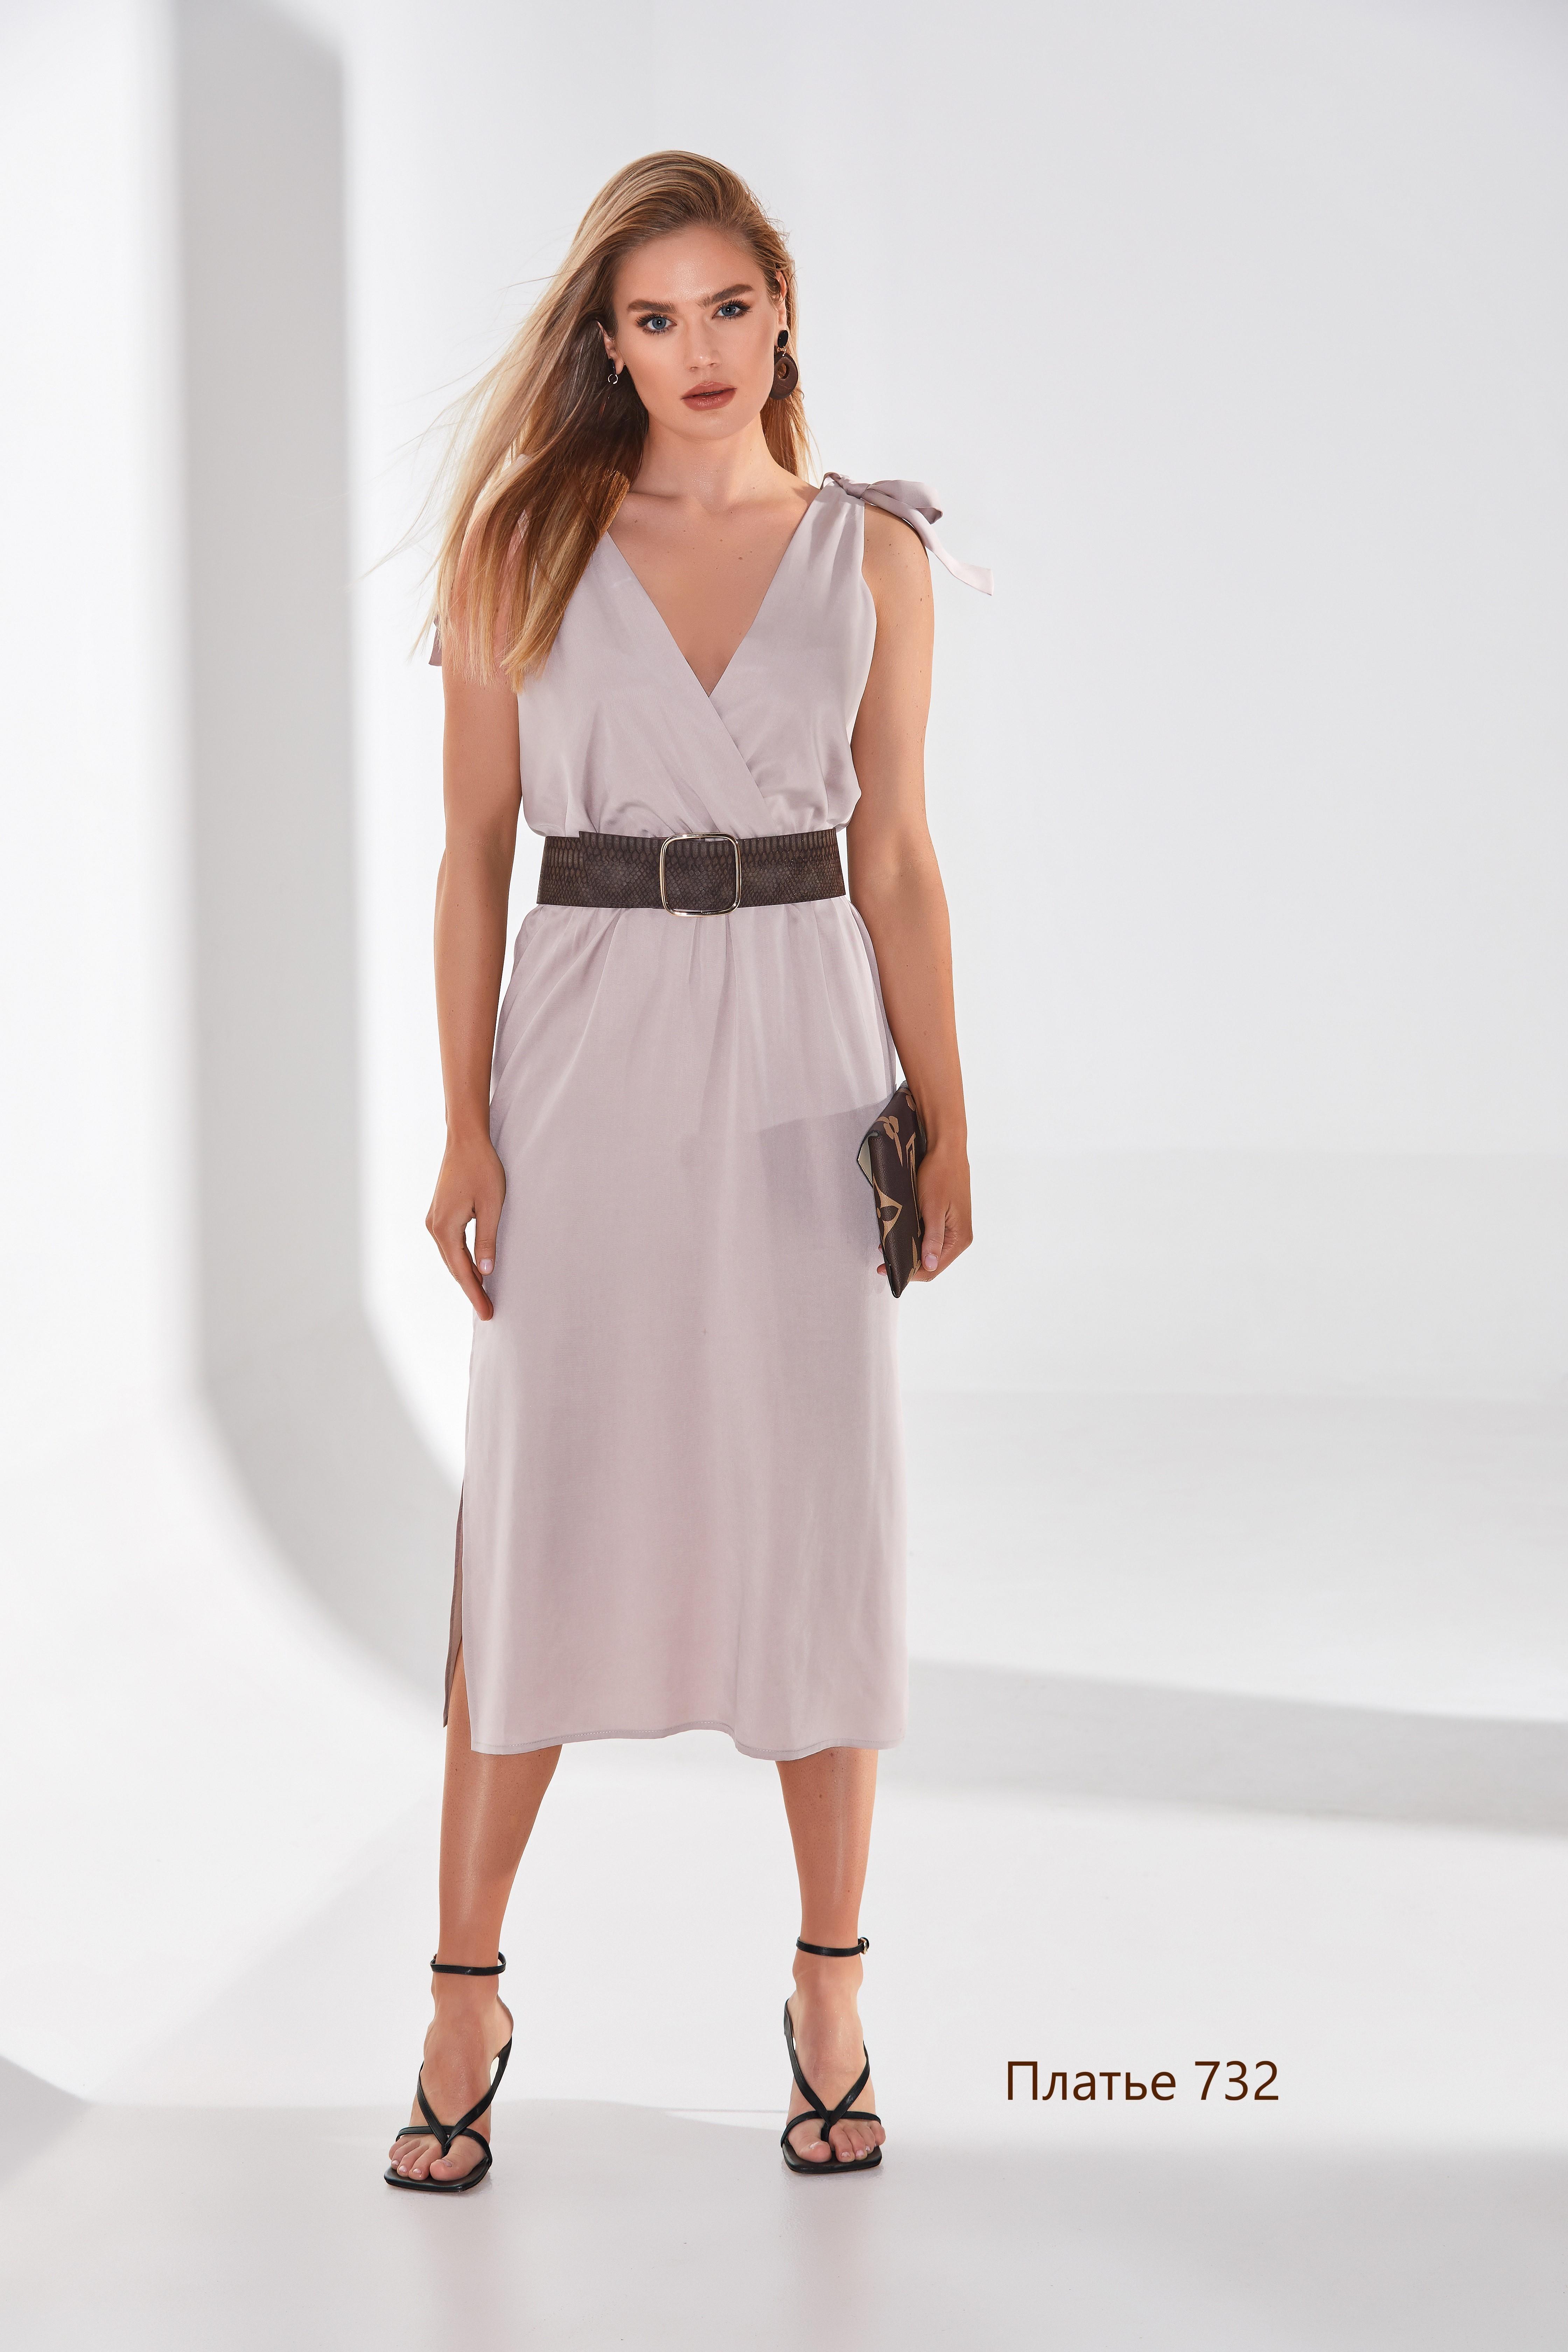 Платье 732 (1)